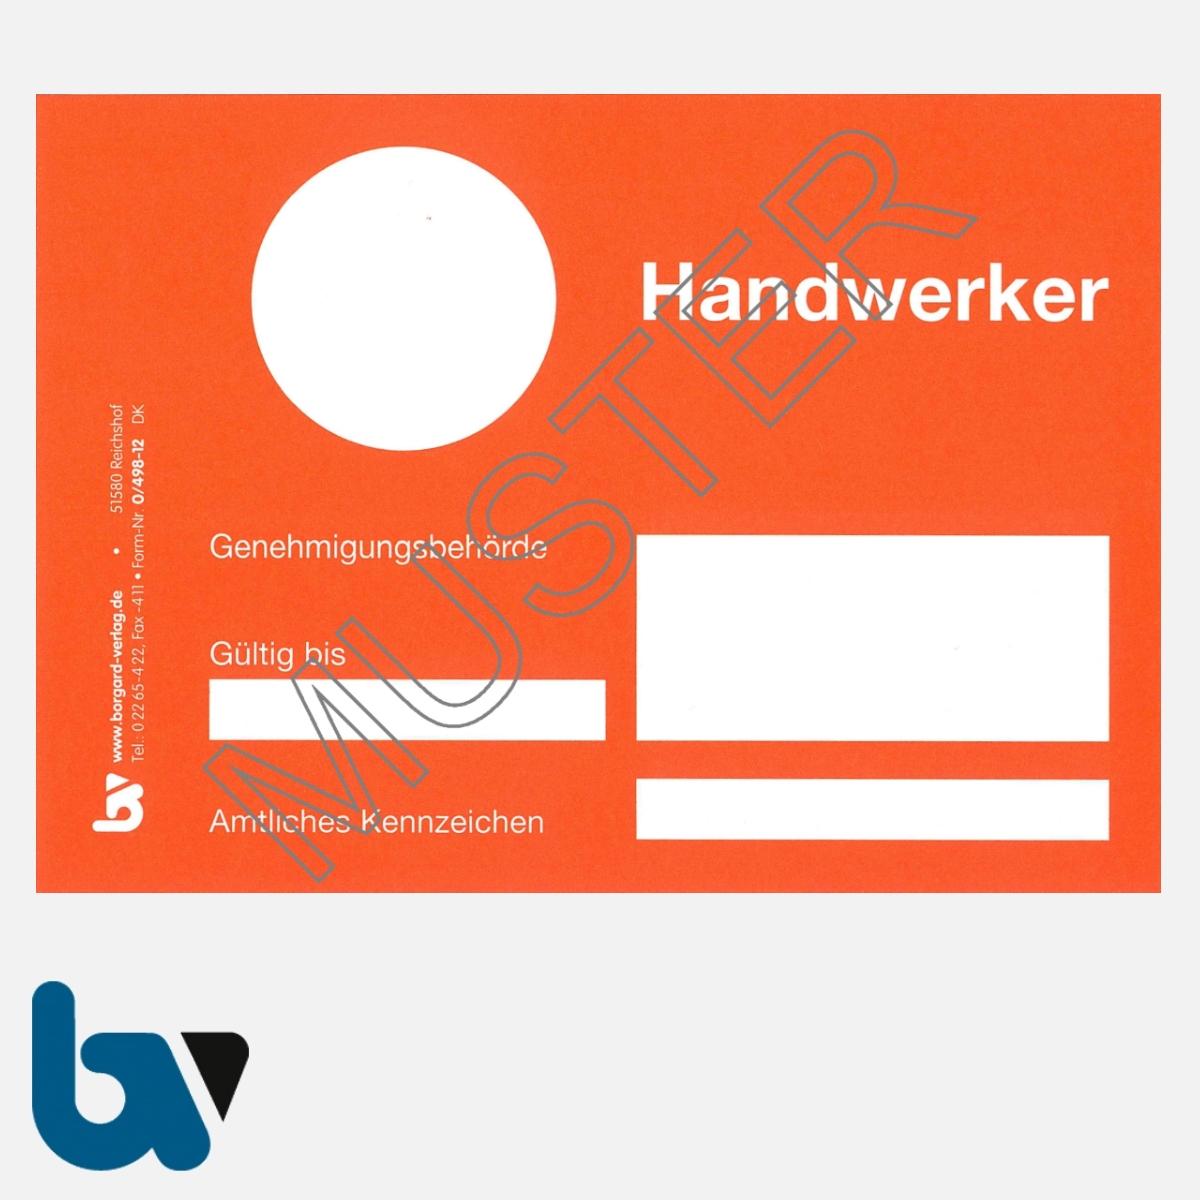 0/498-12 Handwerkerparkausweis orange DIN A6 Karton VS | Borgard Verlag GmbH